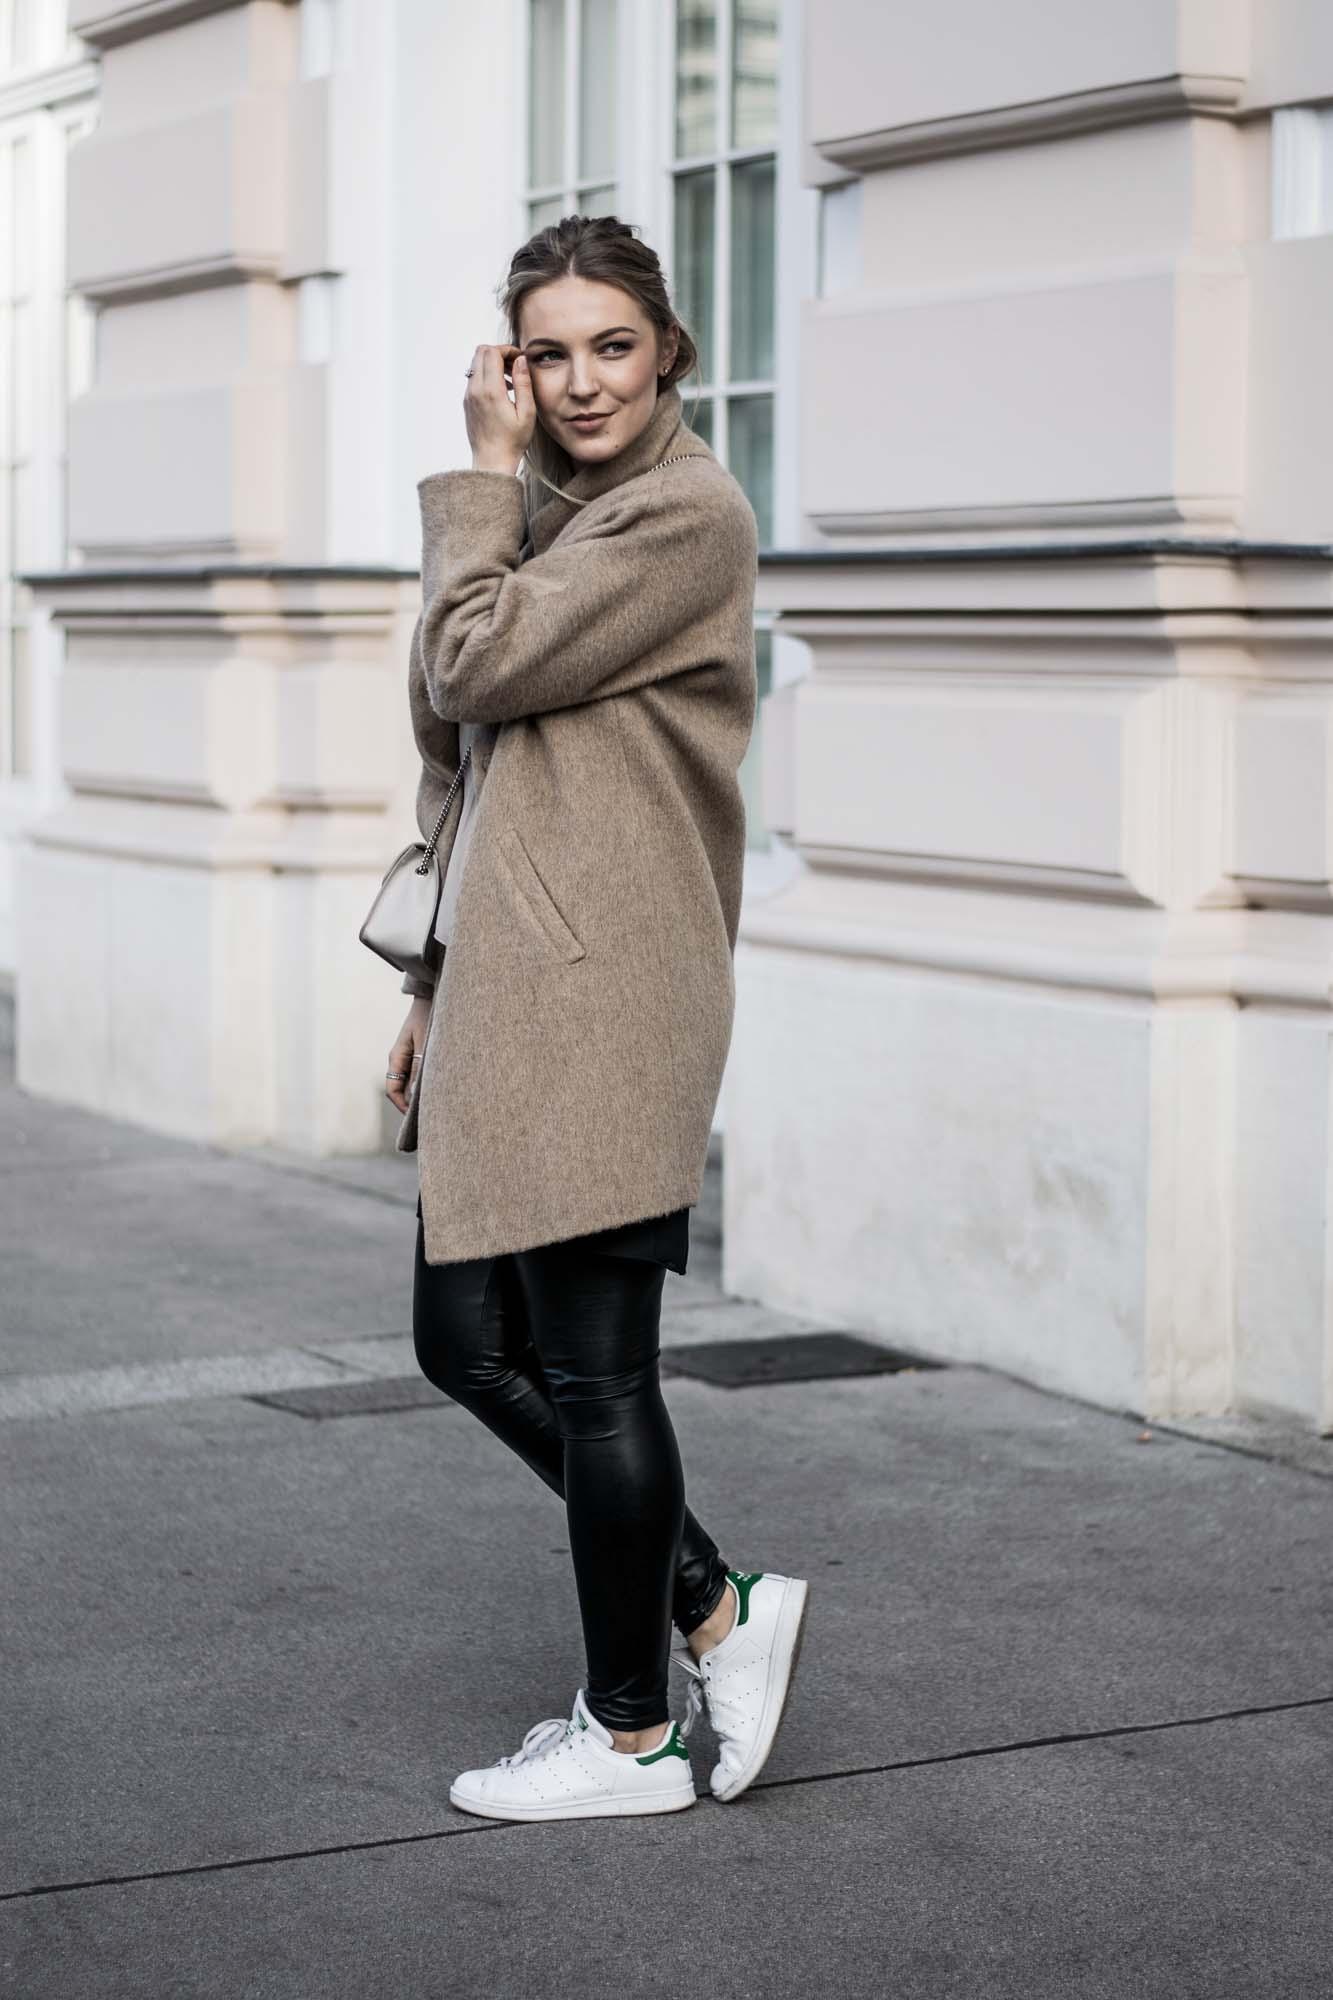 giveherglitter-camelcoat-fashionblog-2